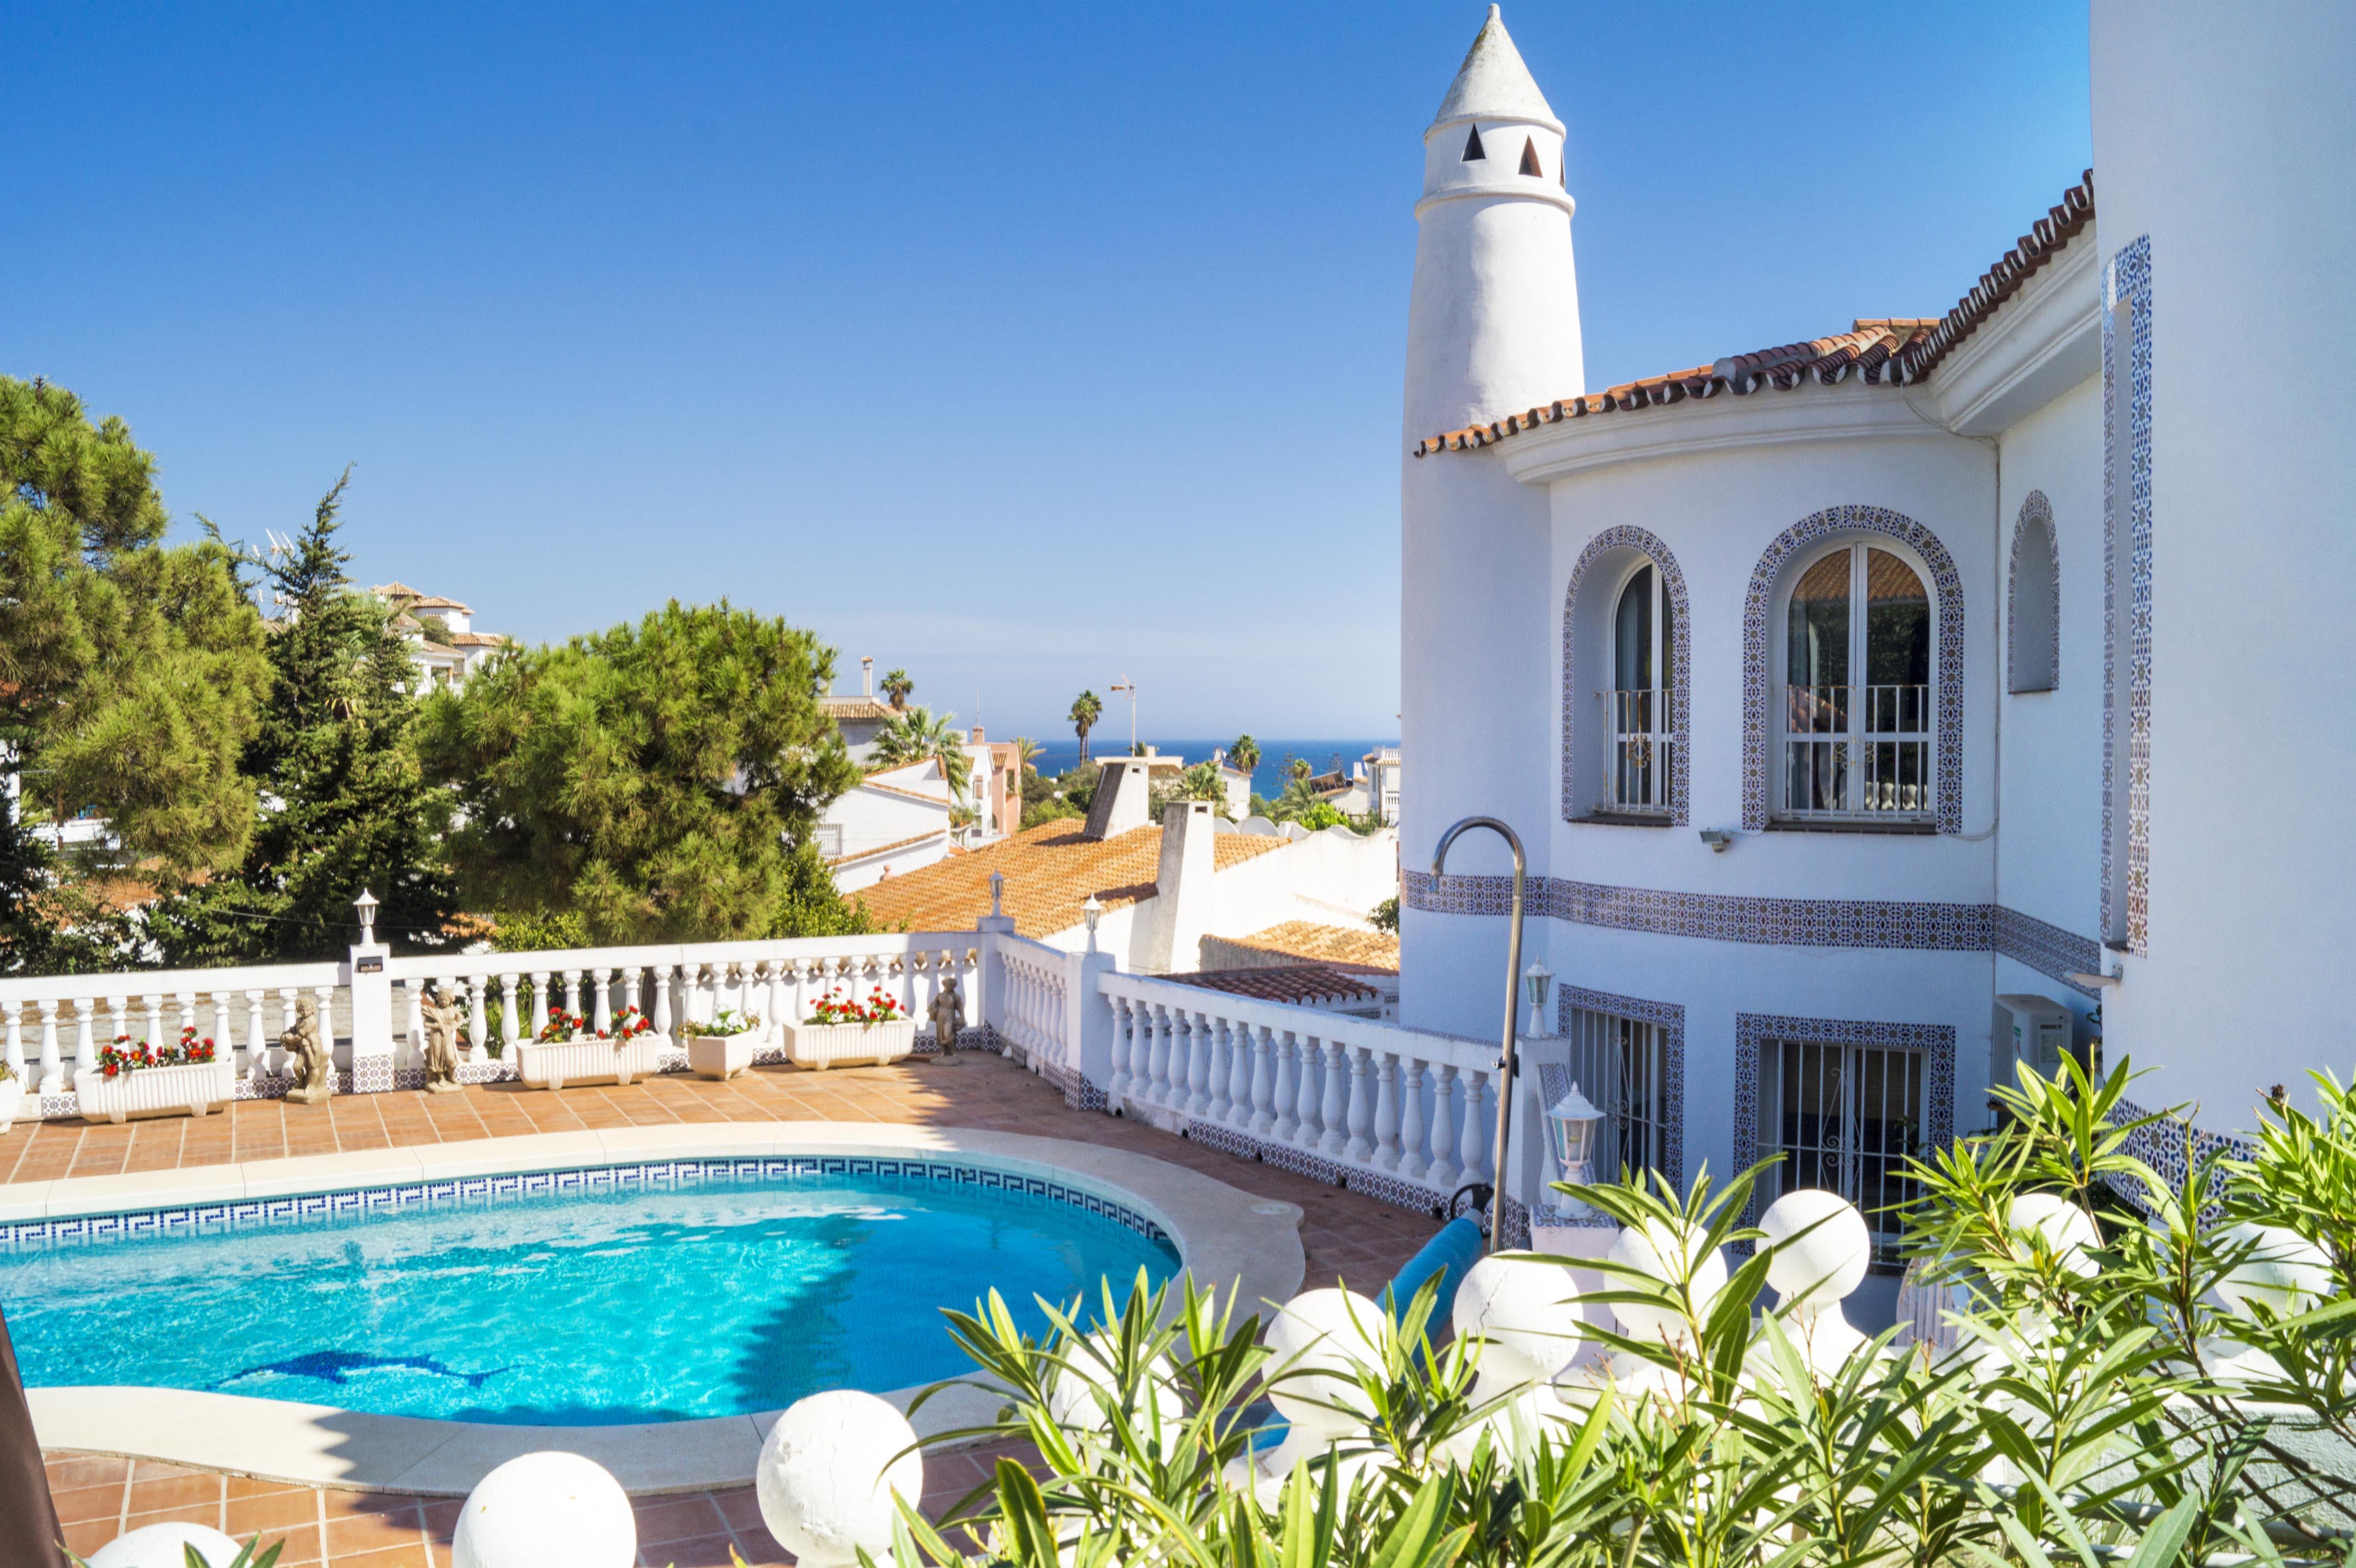 Casa villa andalucia a mijas costa spagna - Casa home malaga ...